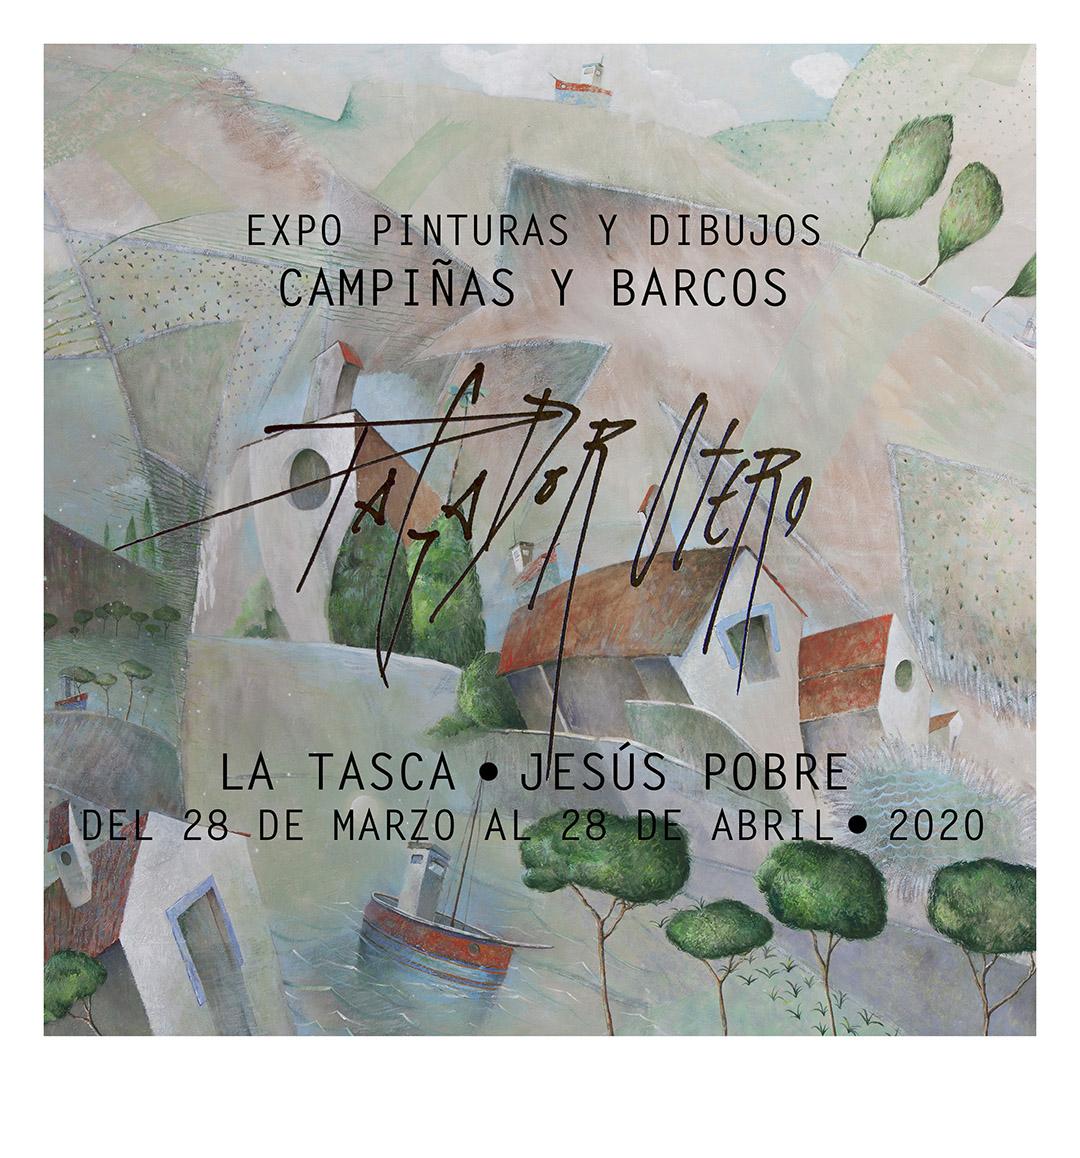 Exposición en la Tasca Jesús Pobre - 2020